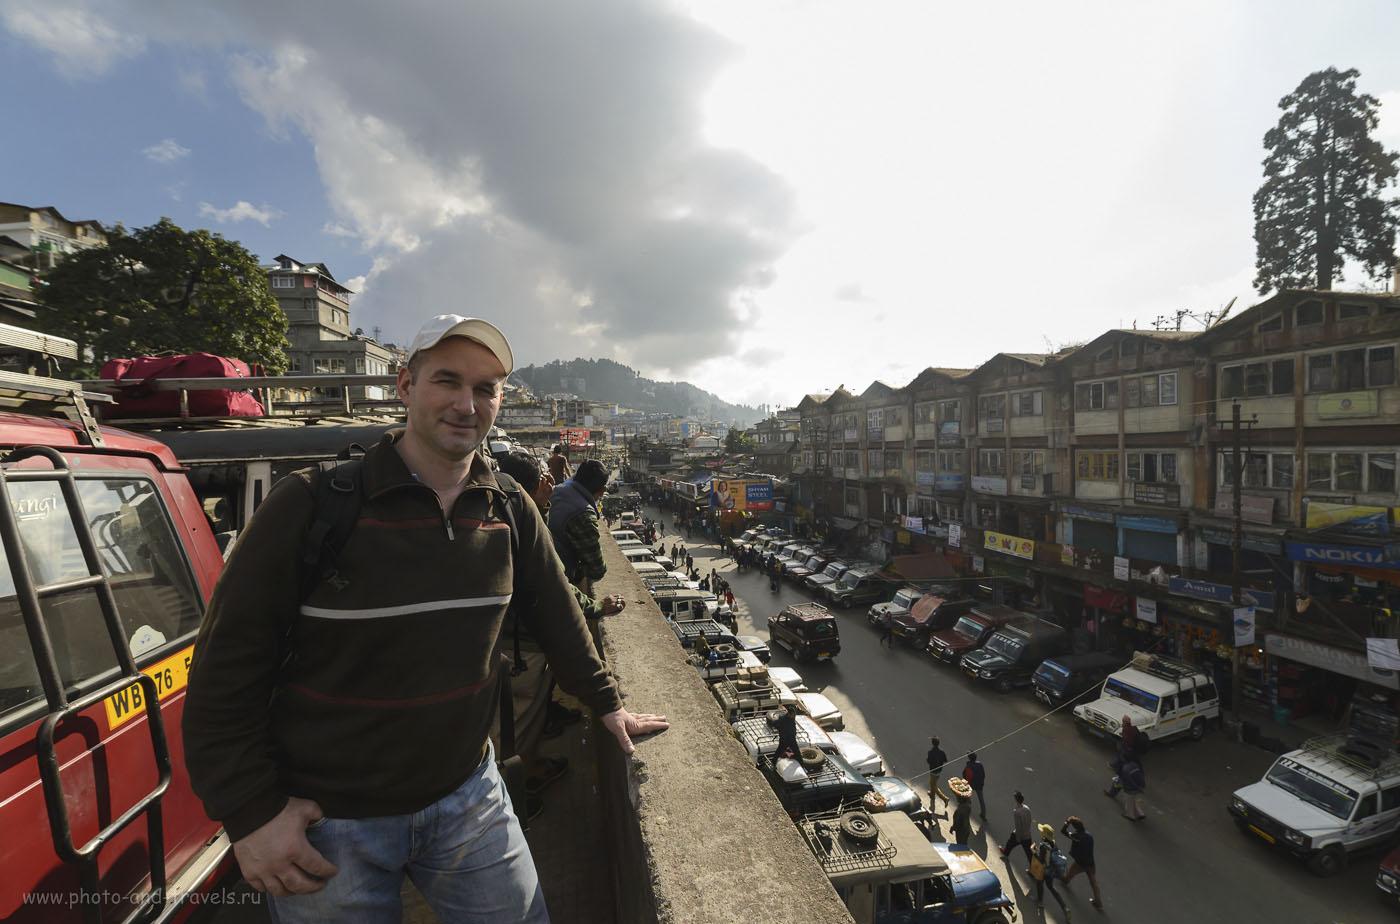 Фото 25. Как говорят во время холиваров – пруфик: доказательство, что я посетил Дарджилинг, а не накачал фотографии с Интернета. На конечной джипов-маршруток, следующих из Дарджилинга в Гангток. Рассказы туристов о поездке в Индию. 1/500, 0.33, 250, 14.